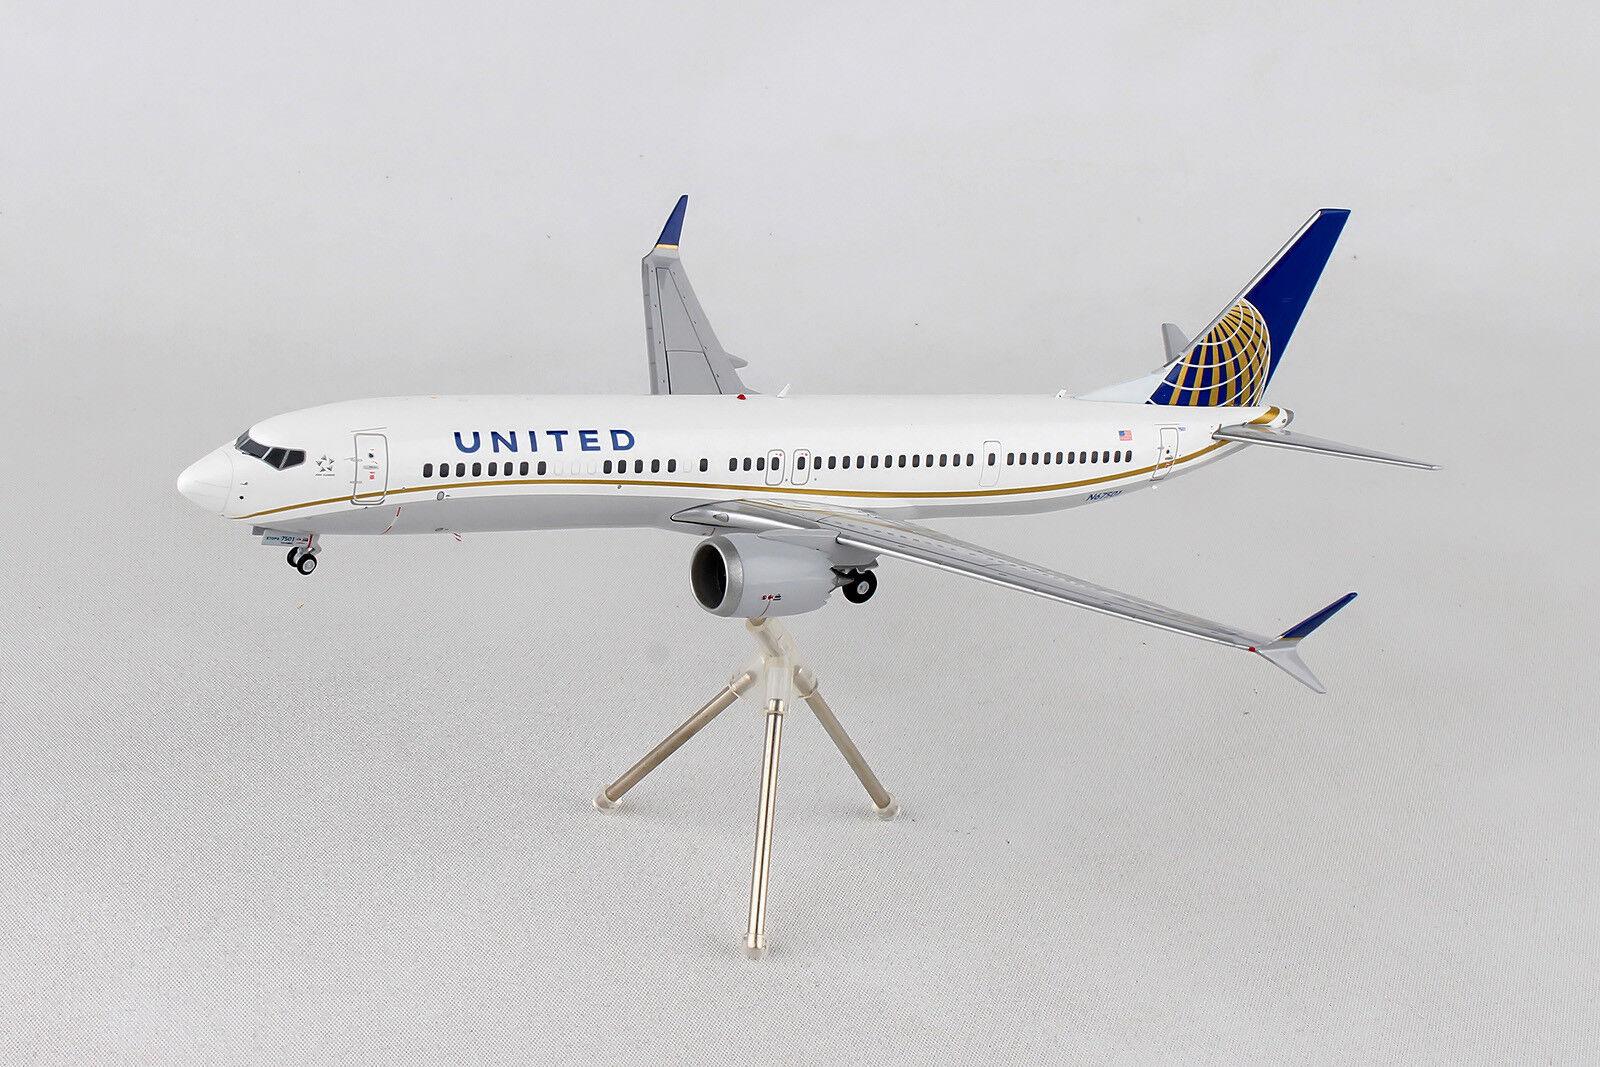 Gemini200 united airlines boeing 737 max 9 g2ual752 1   200 der verordn   n67501.neue